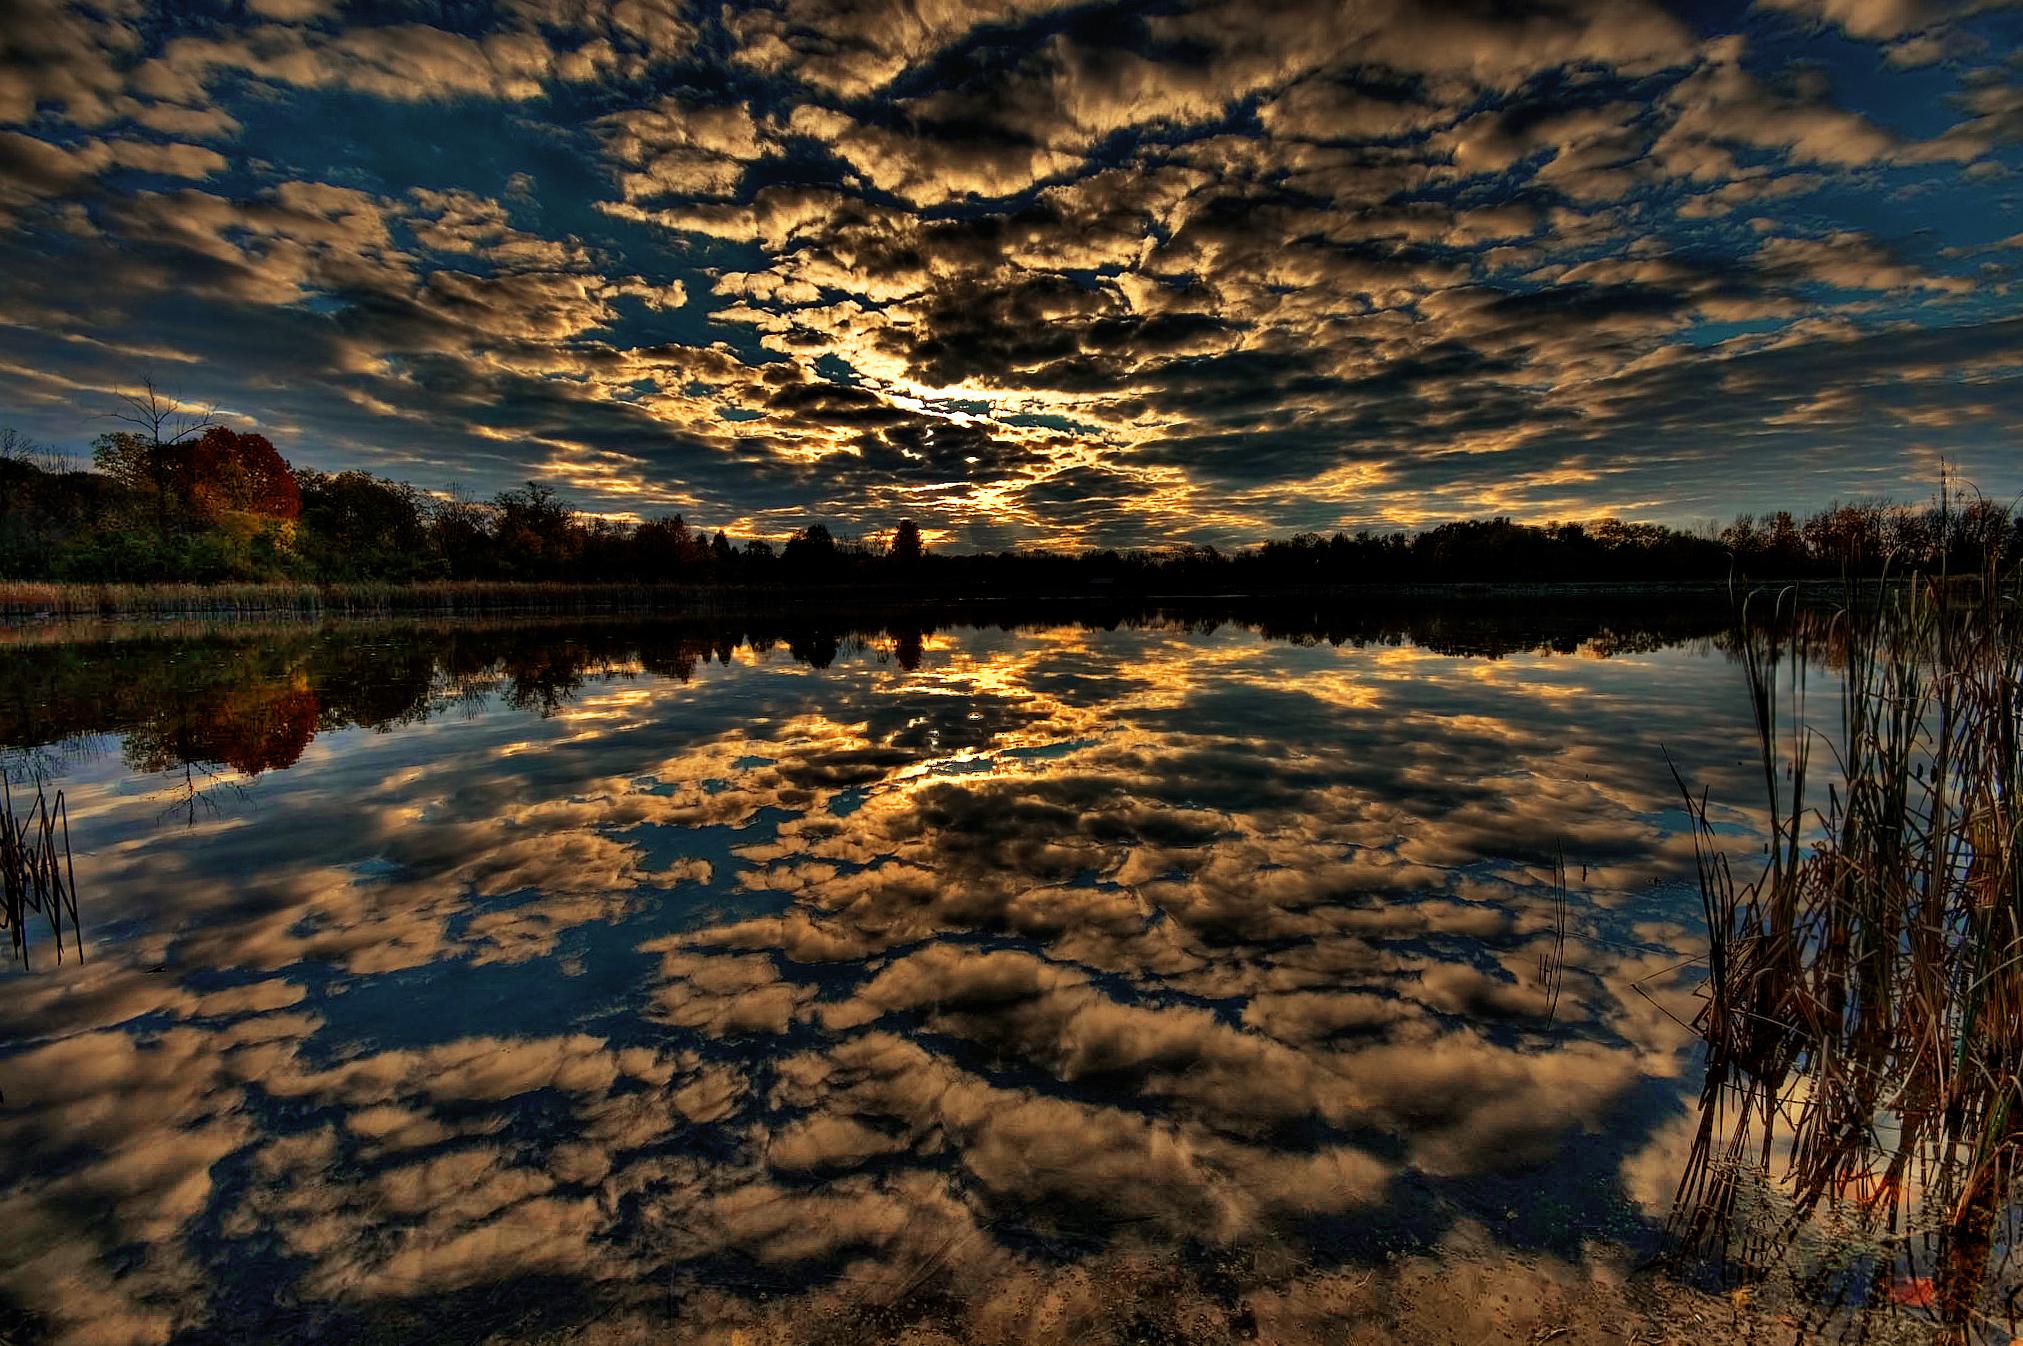 Закат за лесом над водой скачать